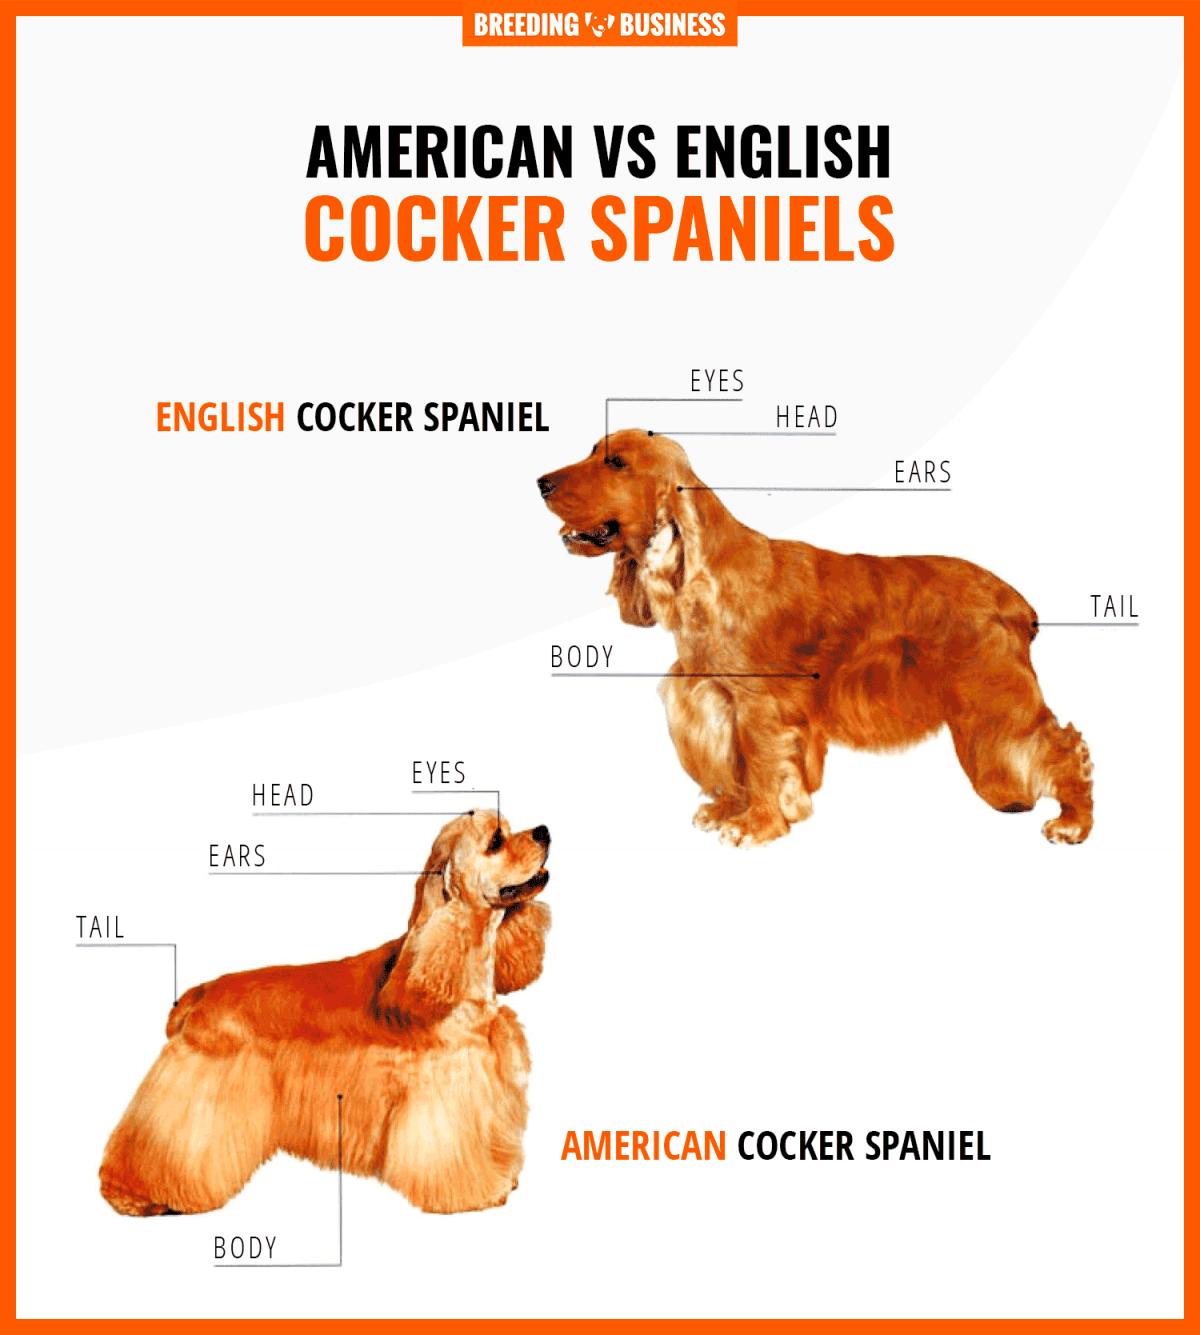 american vs english cocker spaniels